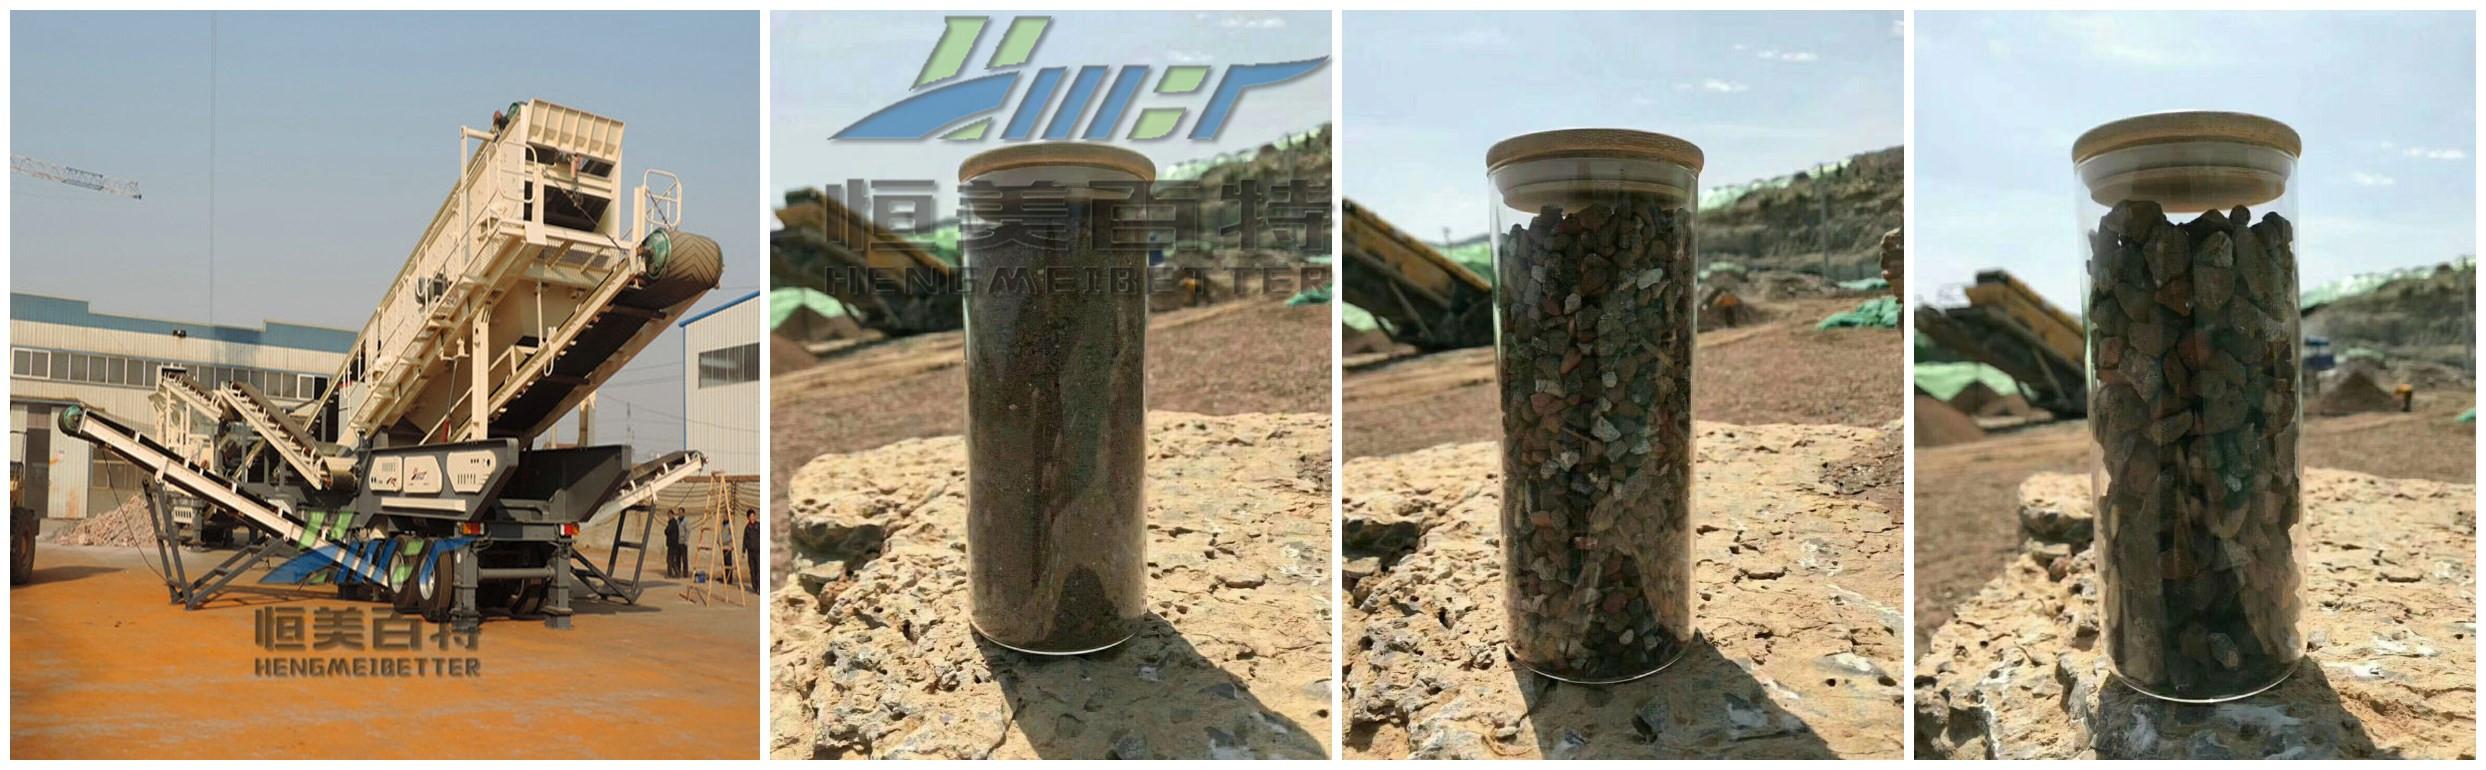 濟南章丘石子破碎機砂石破碎生產線 破碎機價格70932952